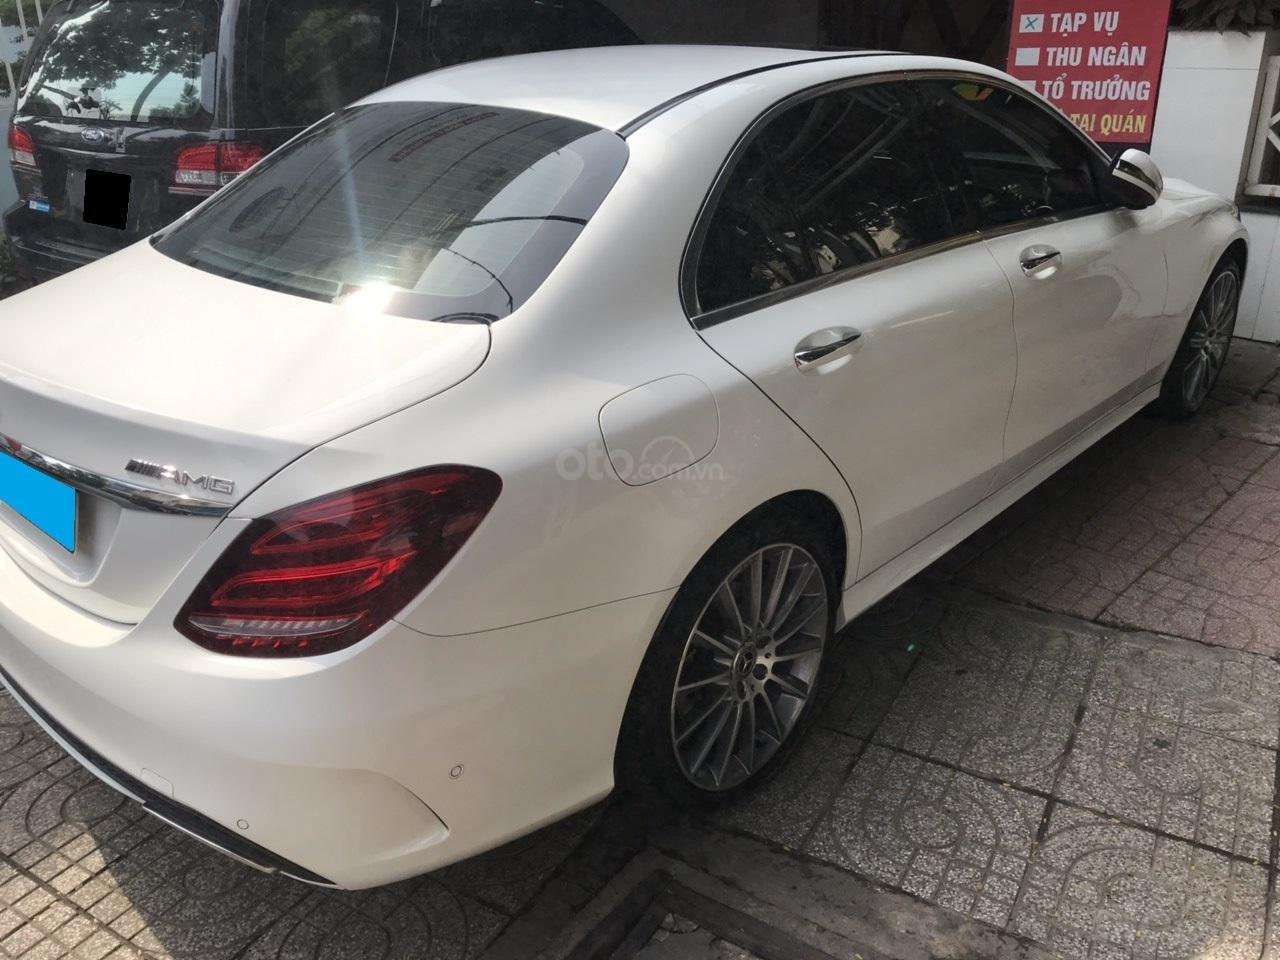 Mercedes C300 AMG 2018 số tự động 9 cấp-2